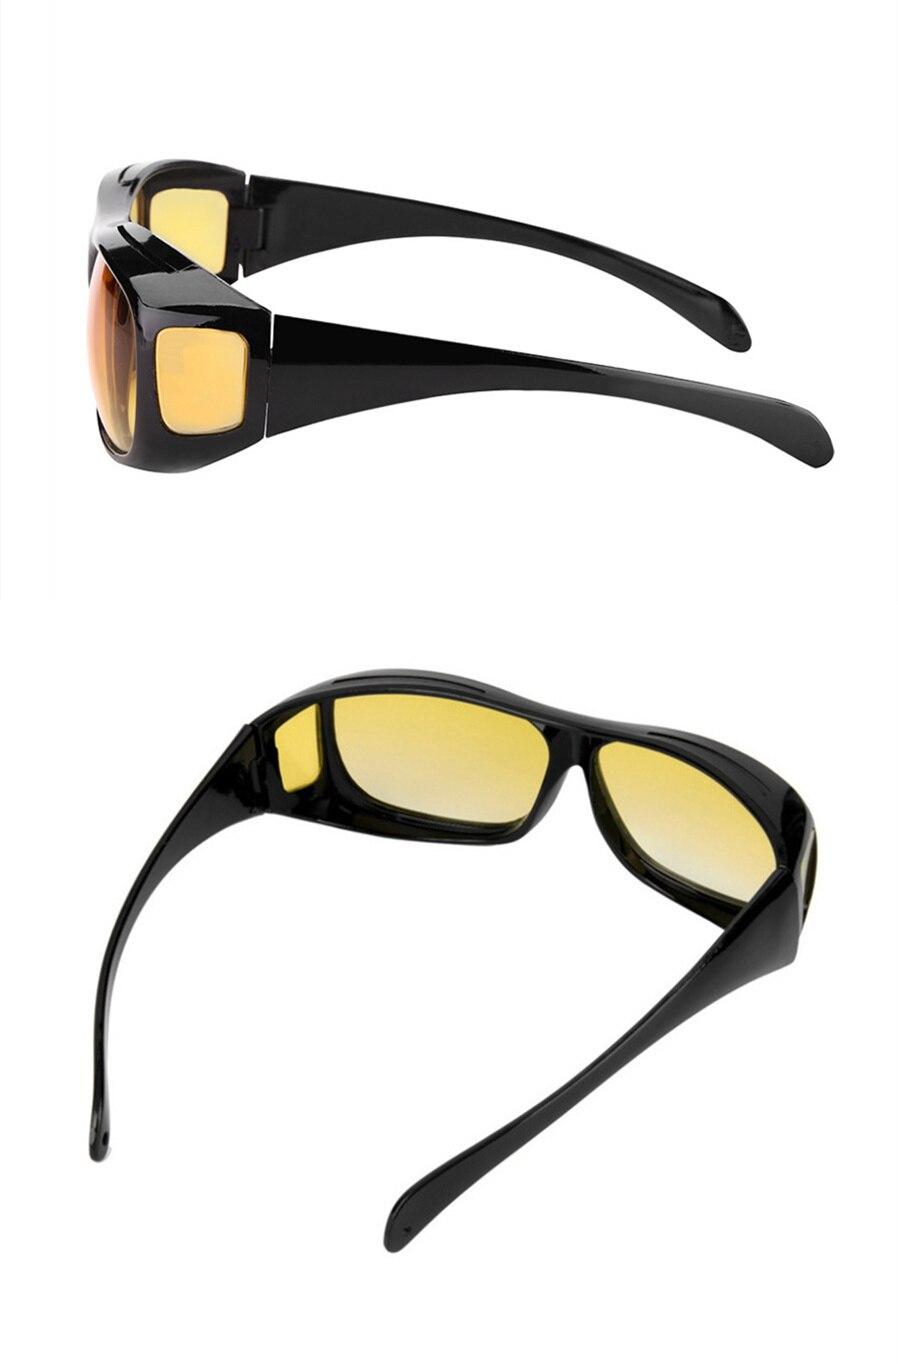 oculos visao noturna